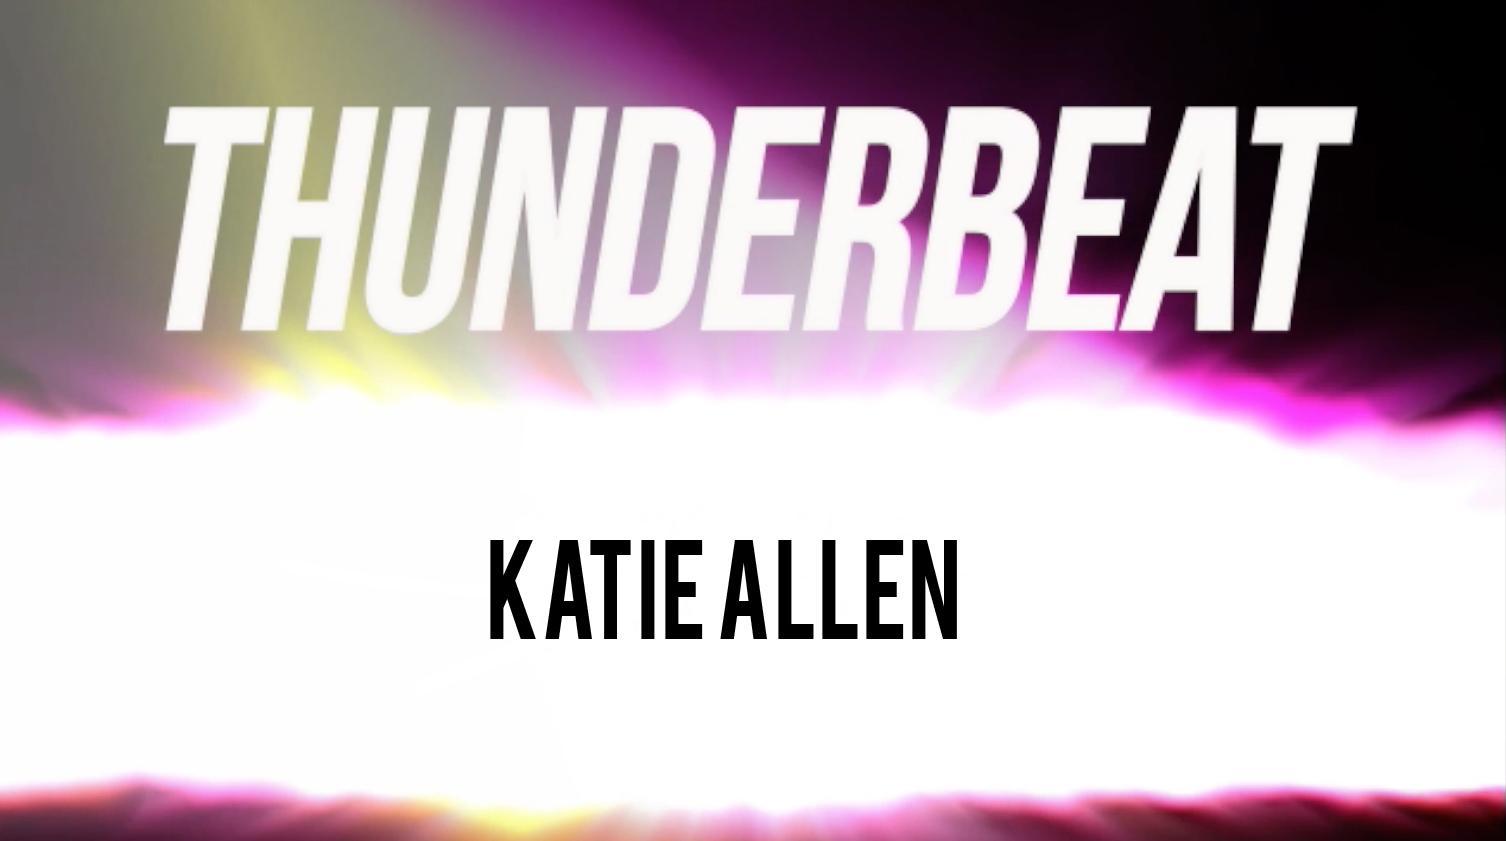 Katie Allen, commentary